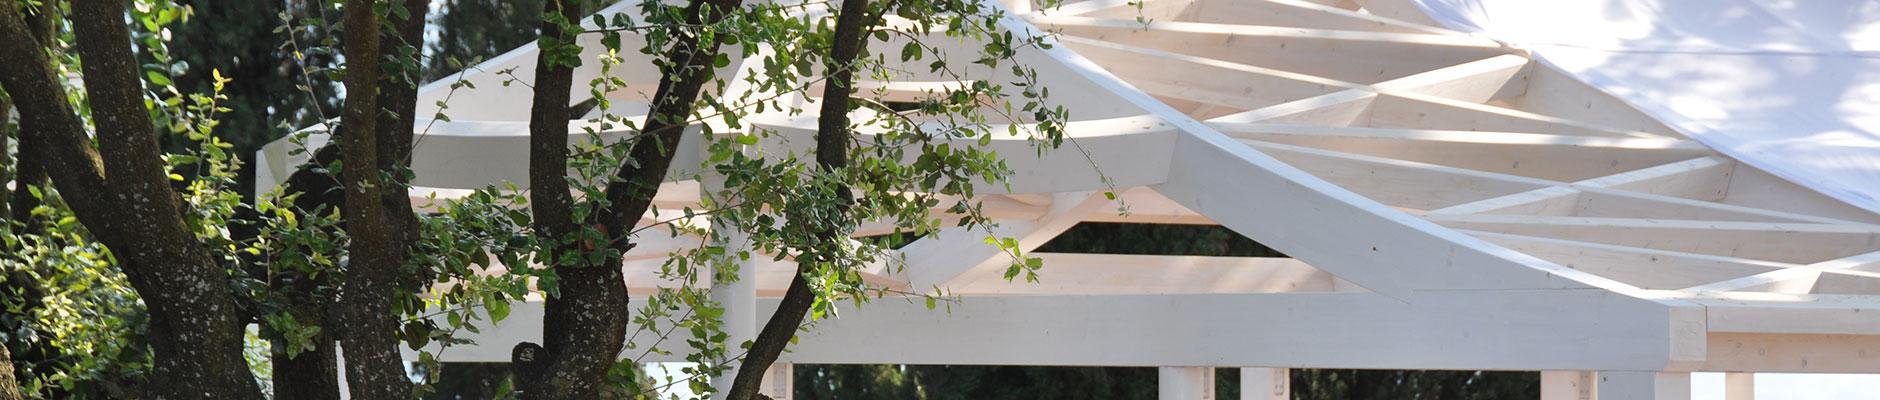 ARANOVA - Arredamento esterno